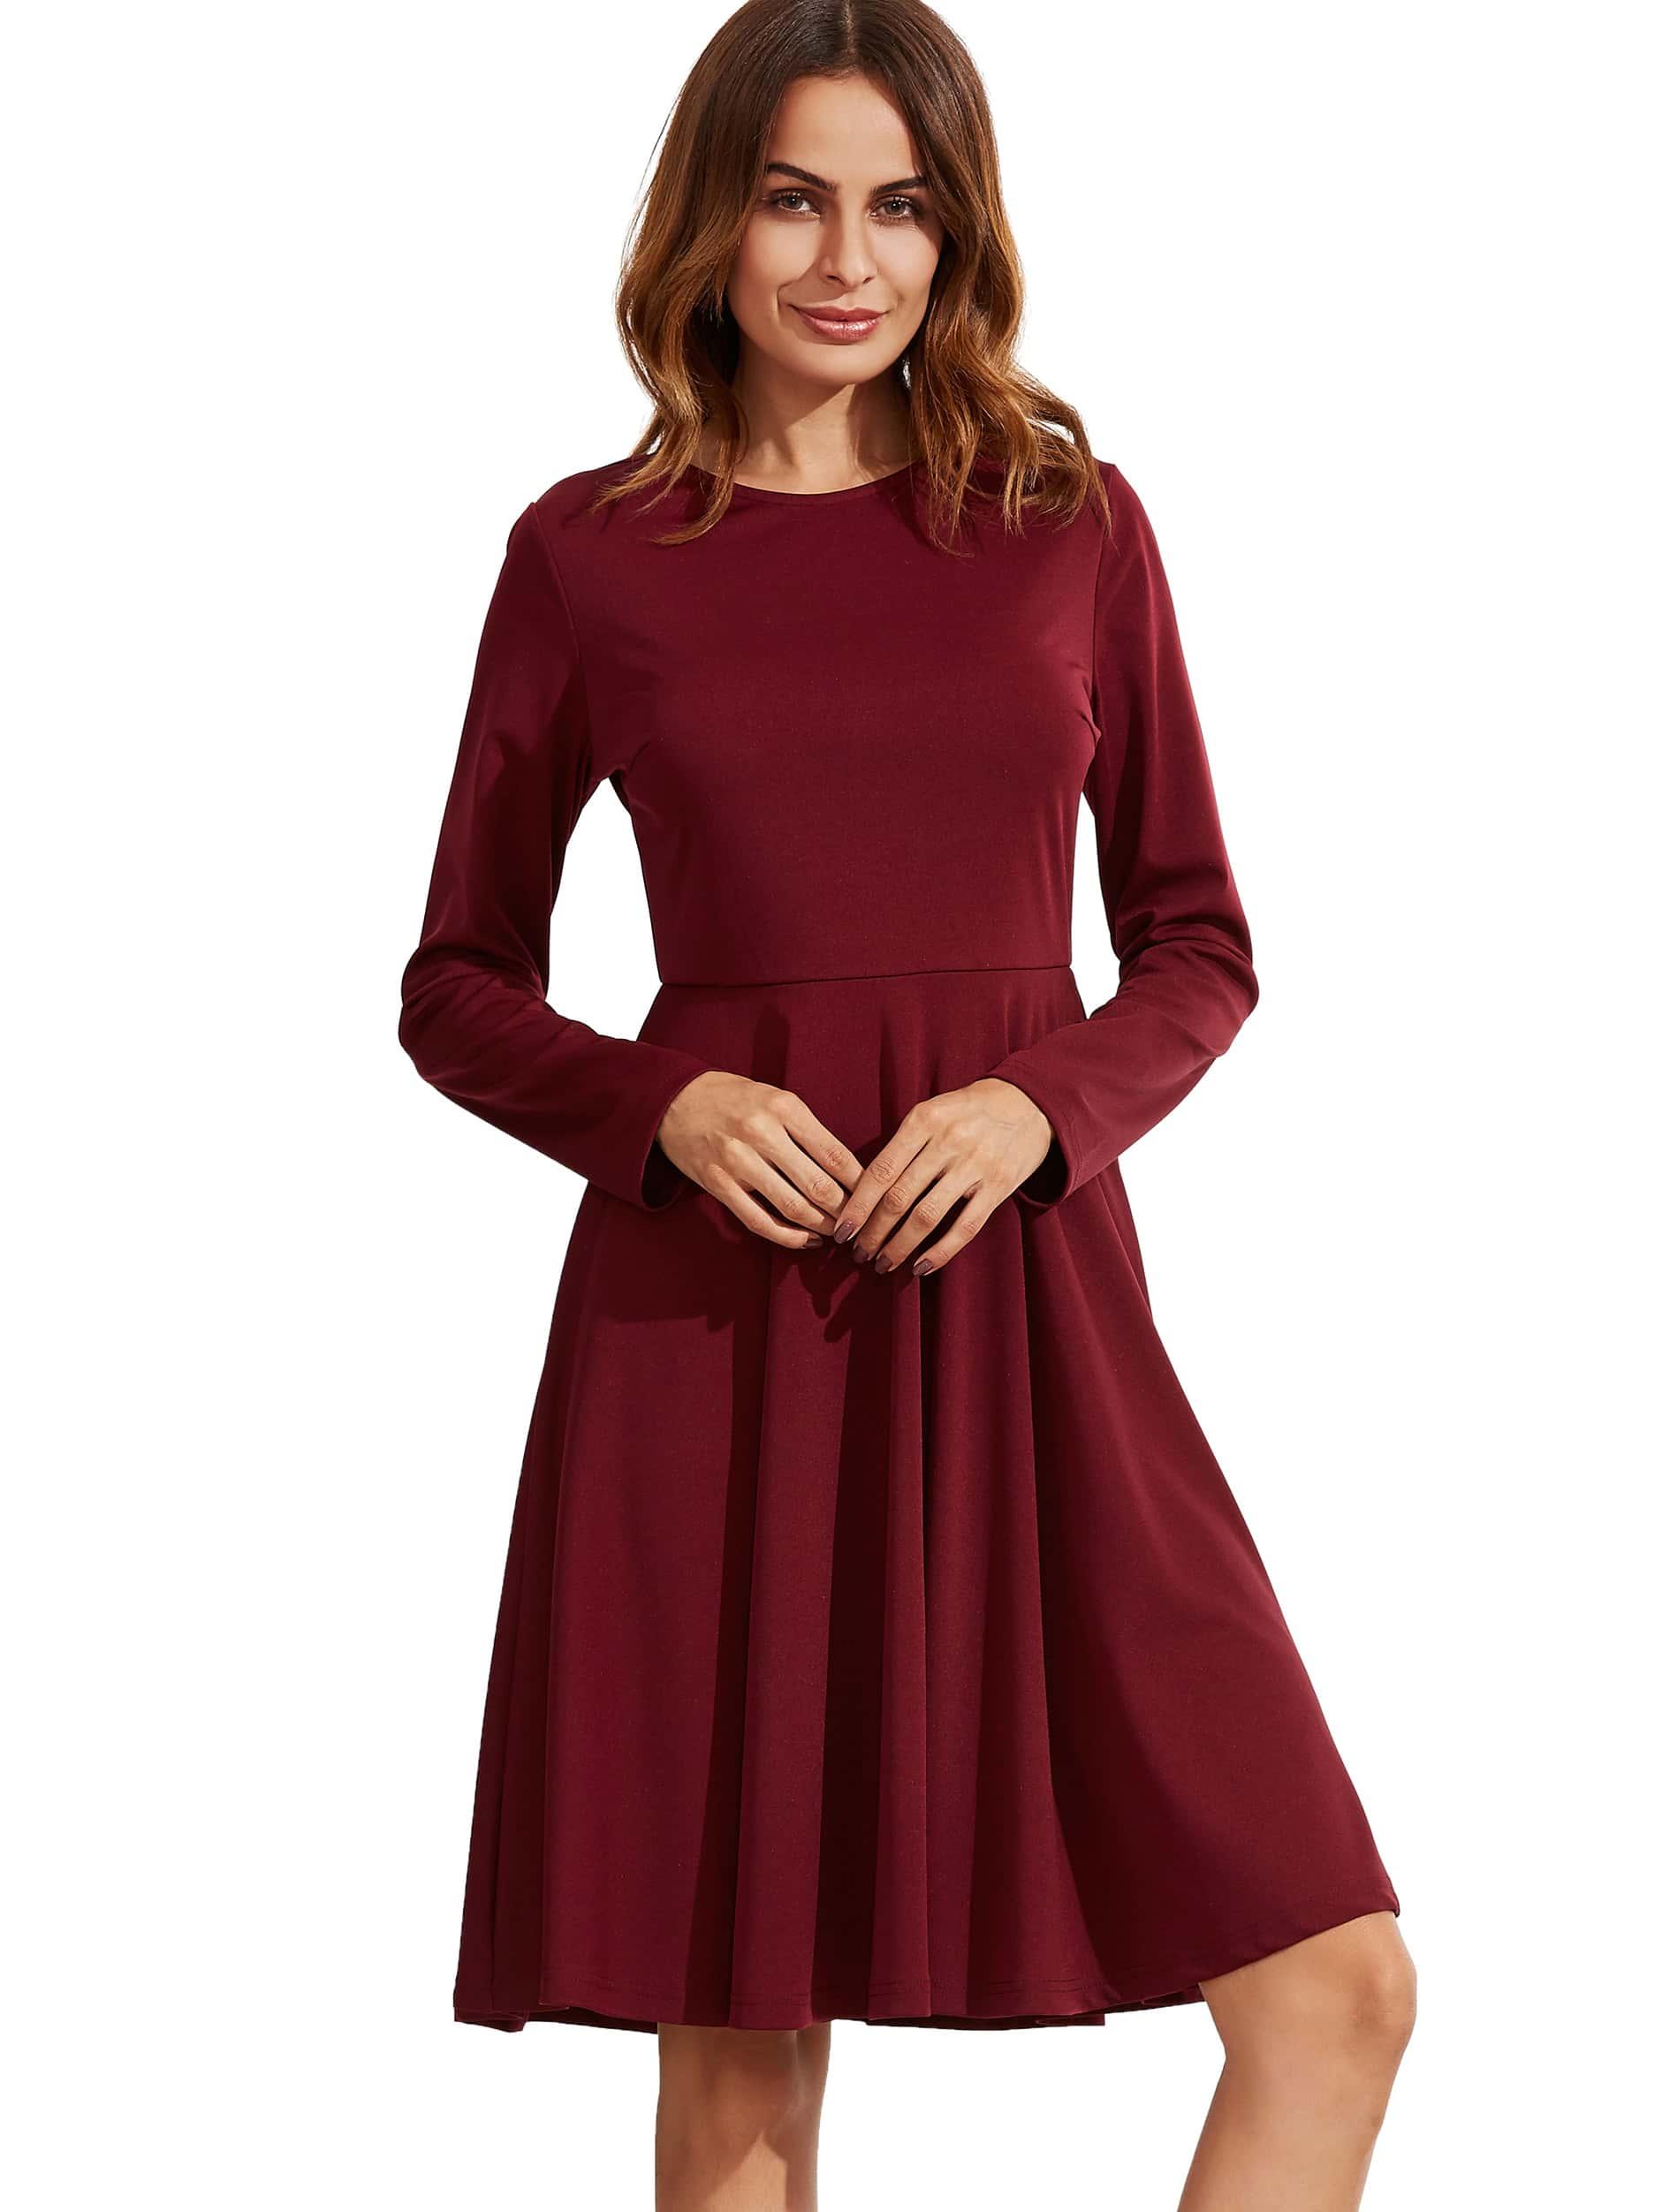 Zipper Back Swing Dress dress160905580